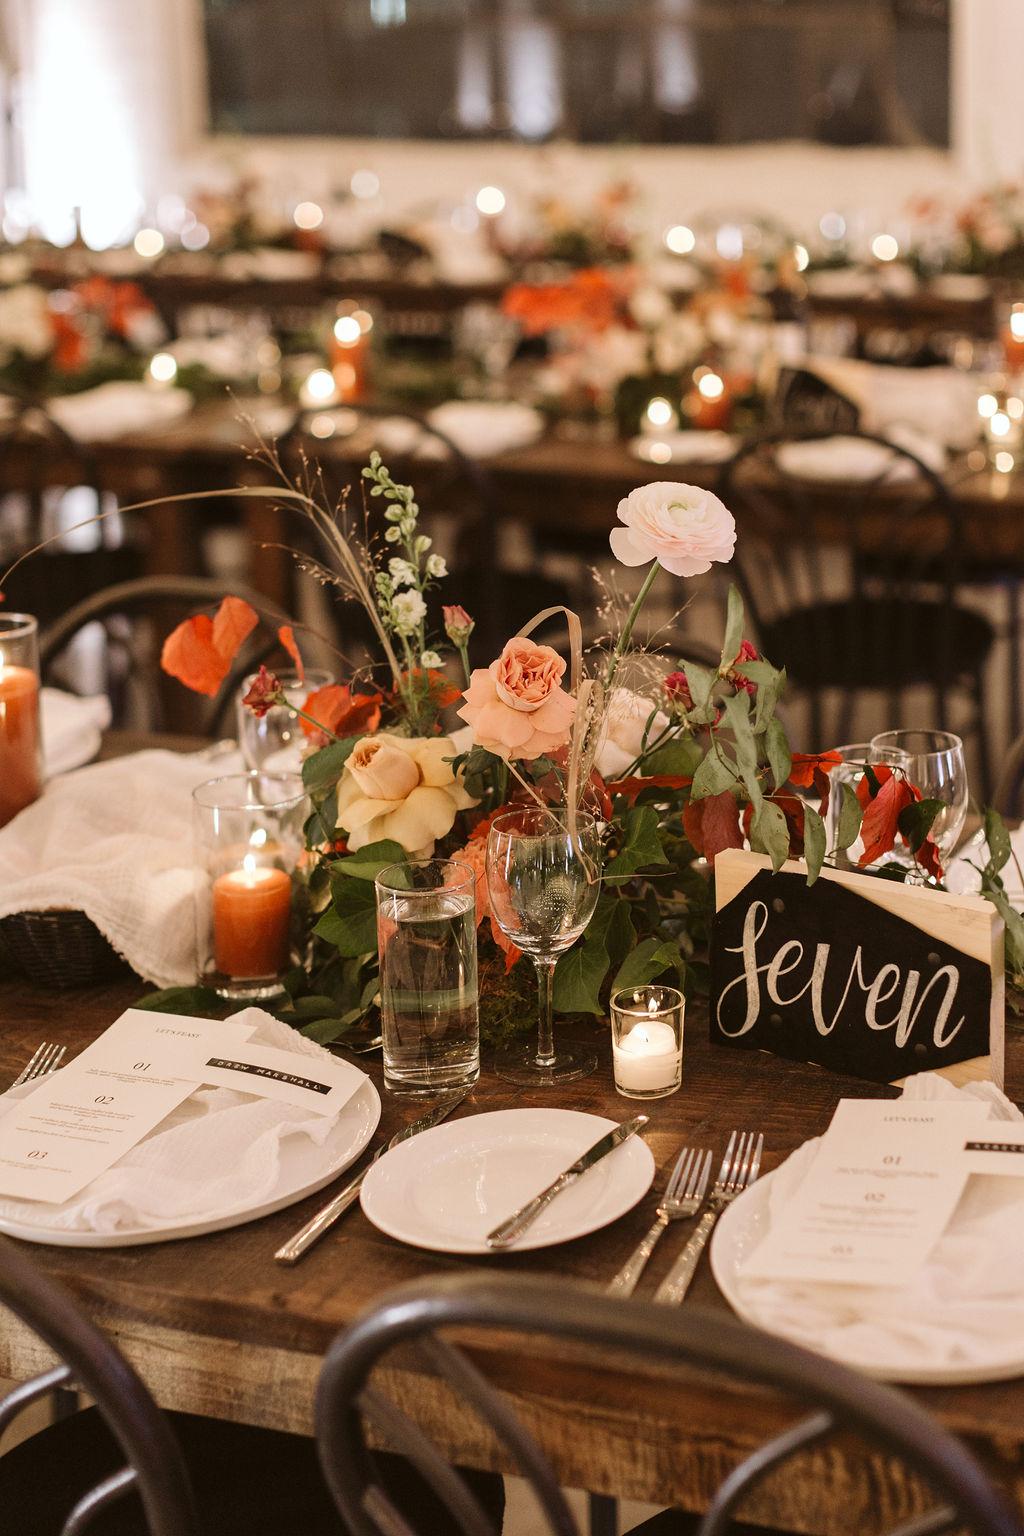 kristina+ryan_toronto+winter+wedding-662.jpg